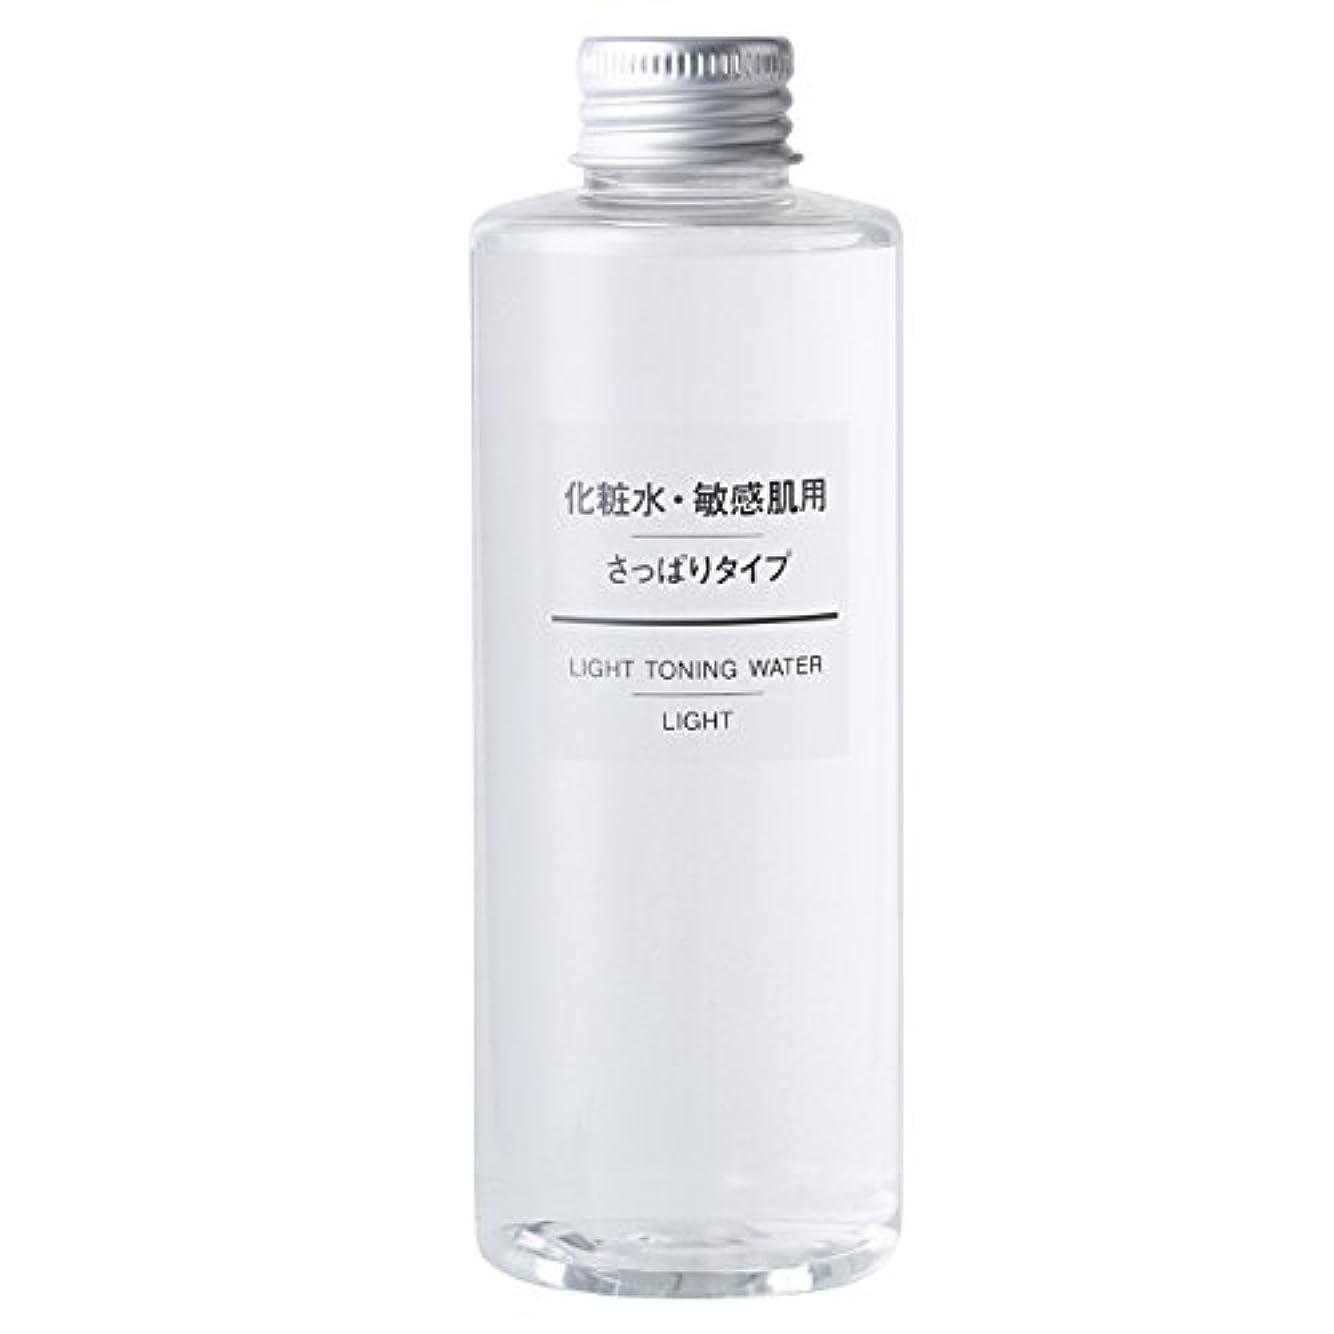 商標リース洪水無印良品 化粧水?敏感肌用?さっぱりタイプ 200mL